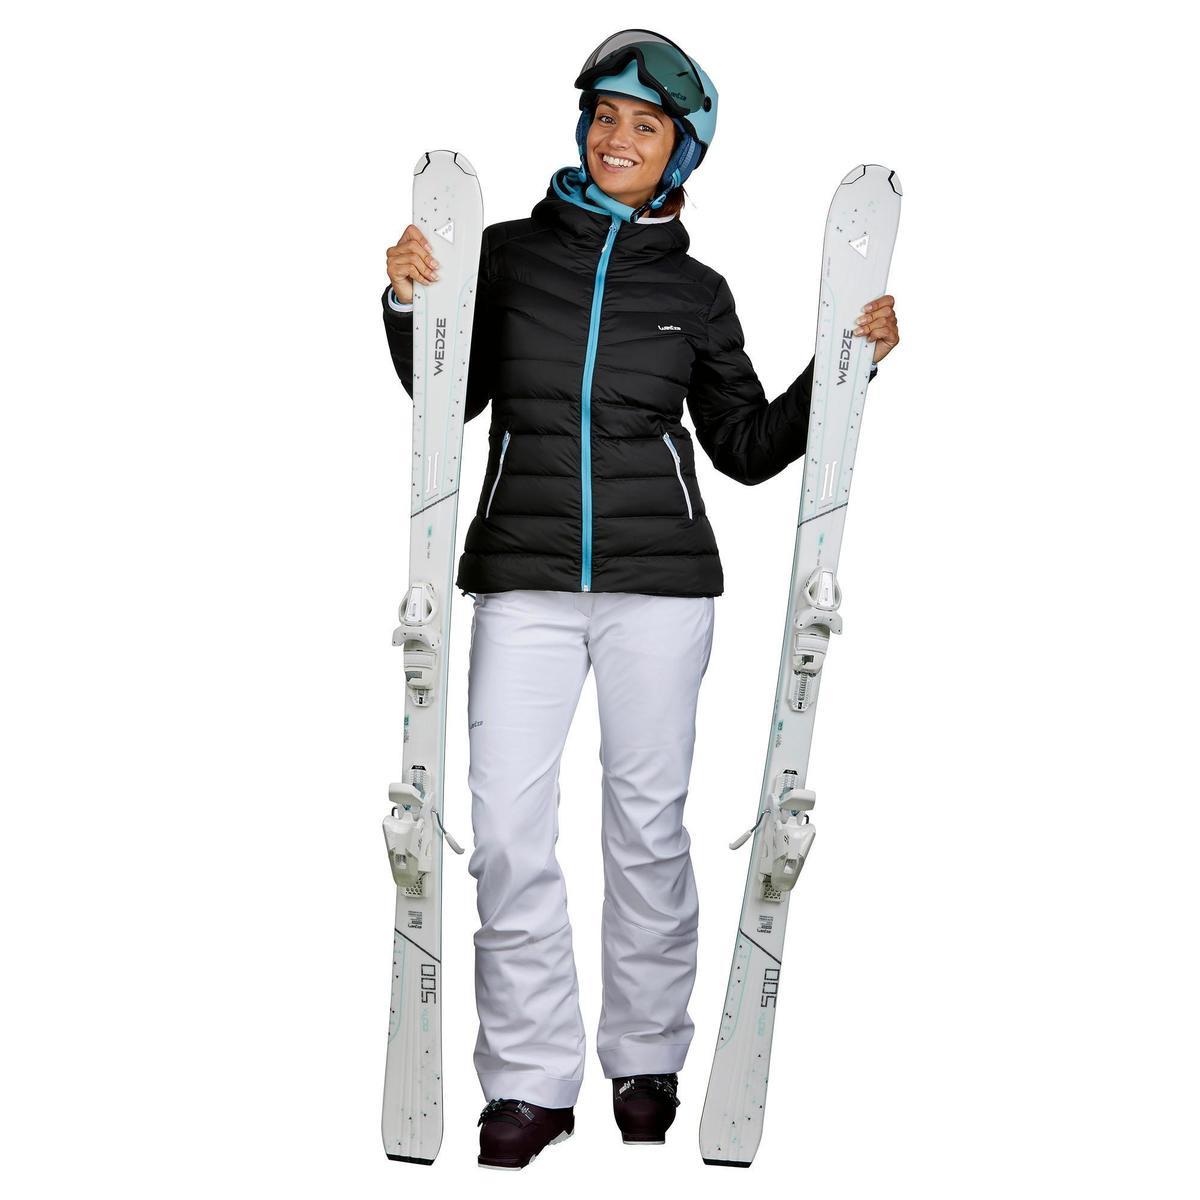 Bild 2 von Skijacke Daunen 500 Warm Damen grau